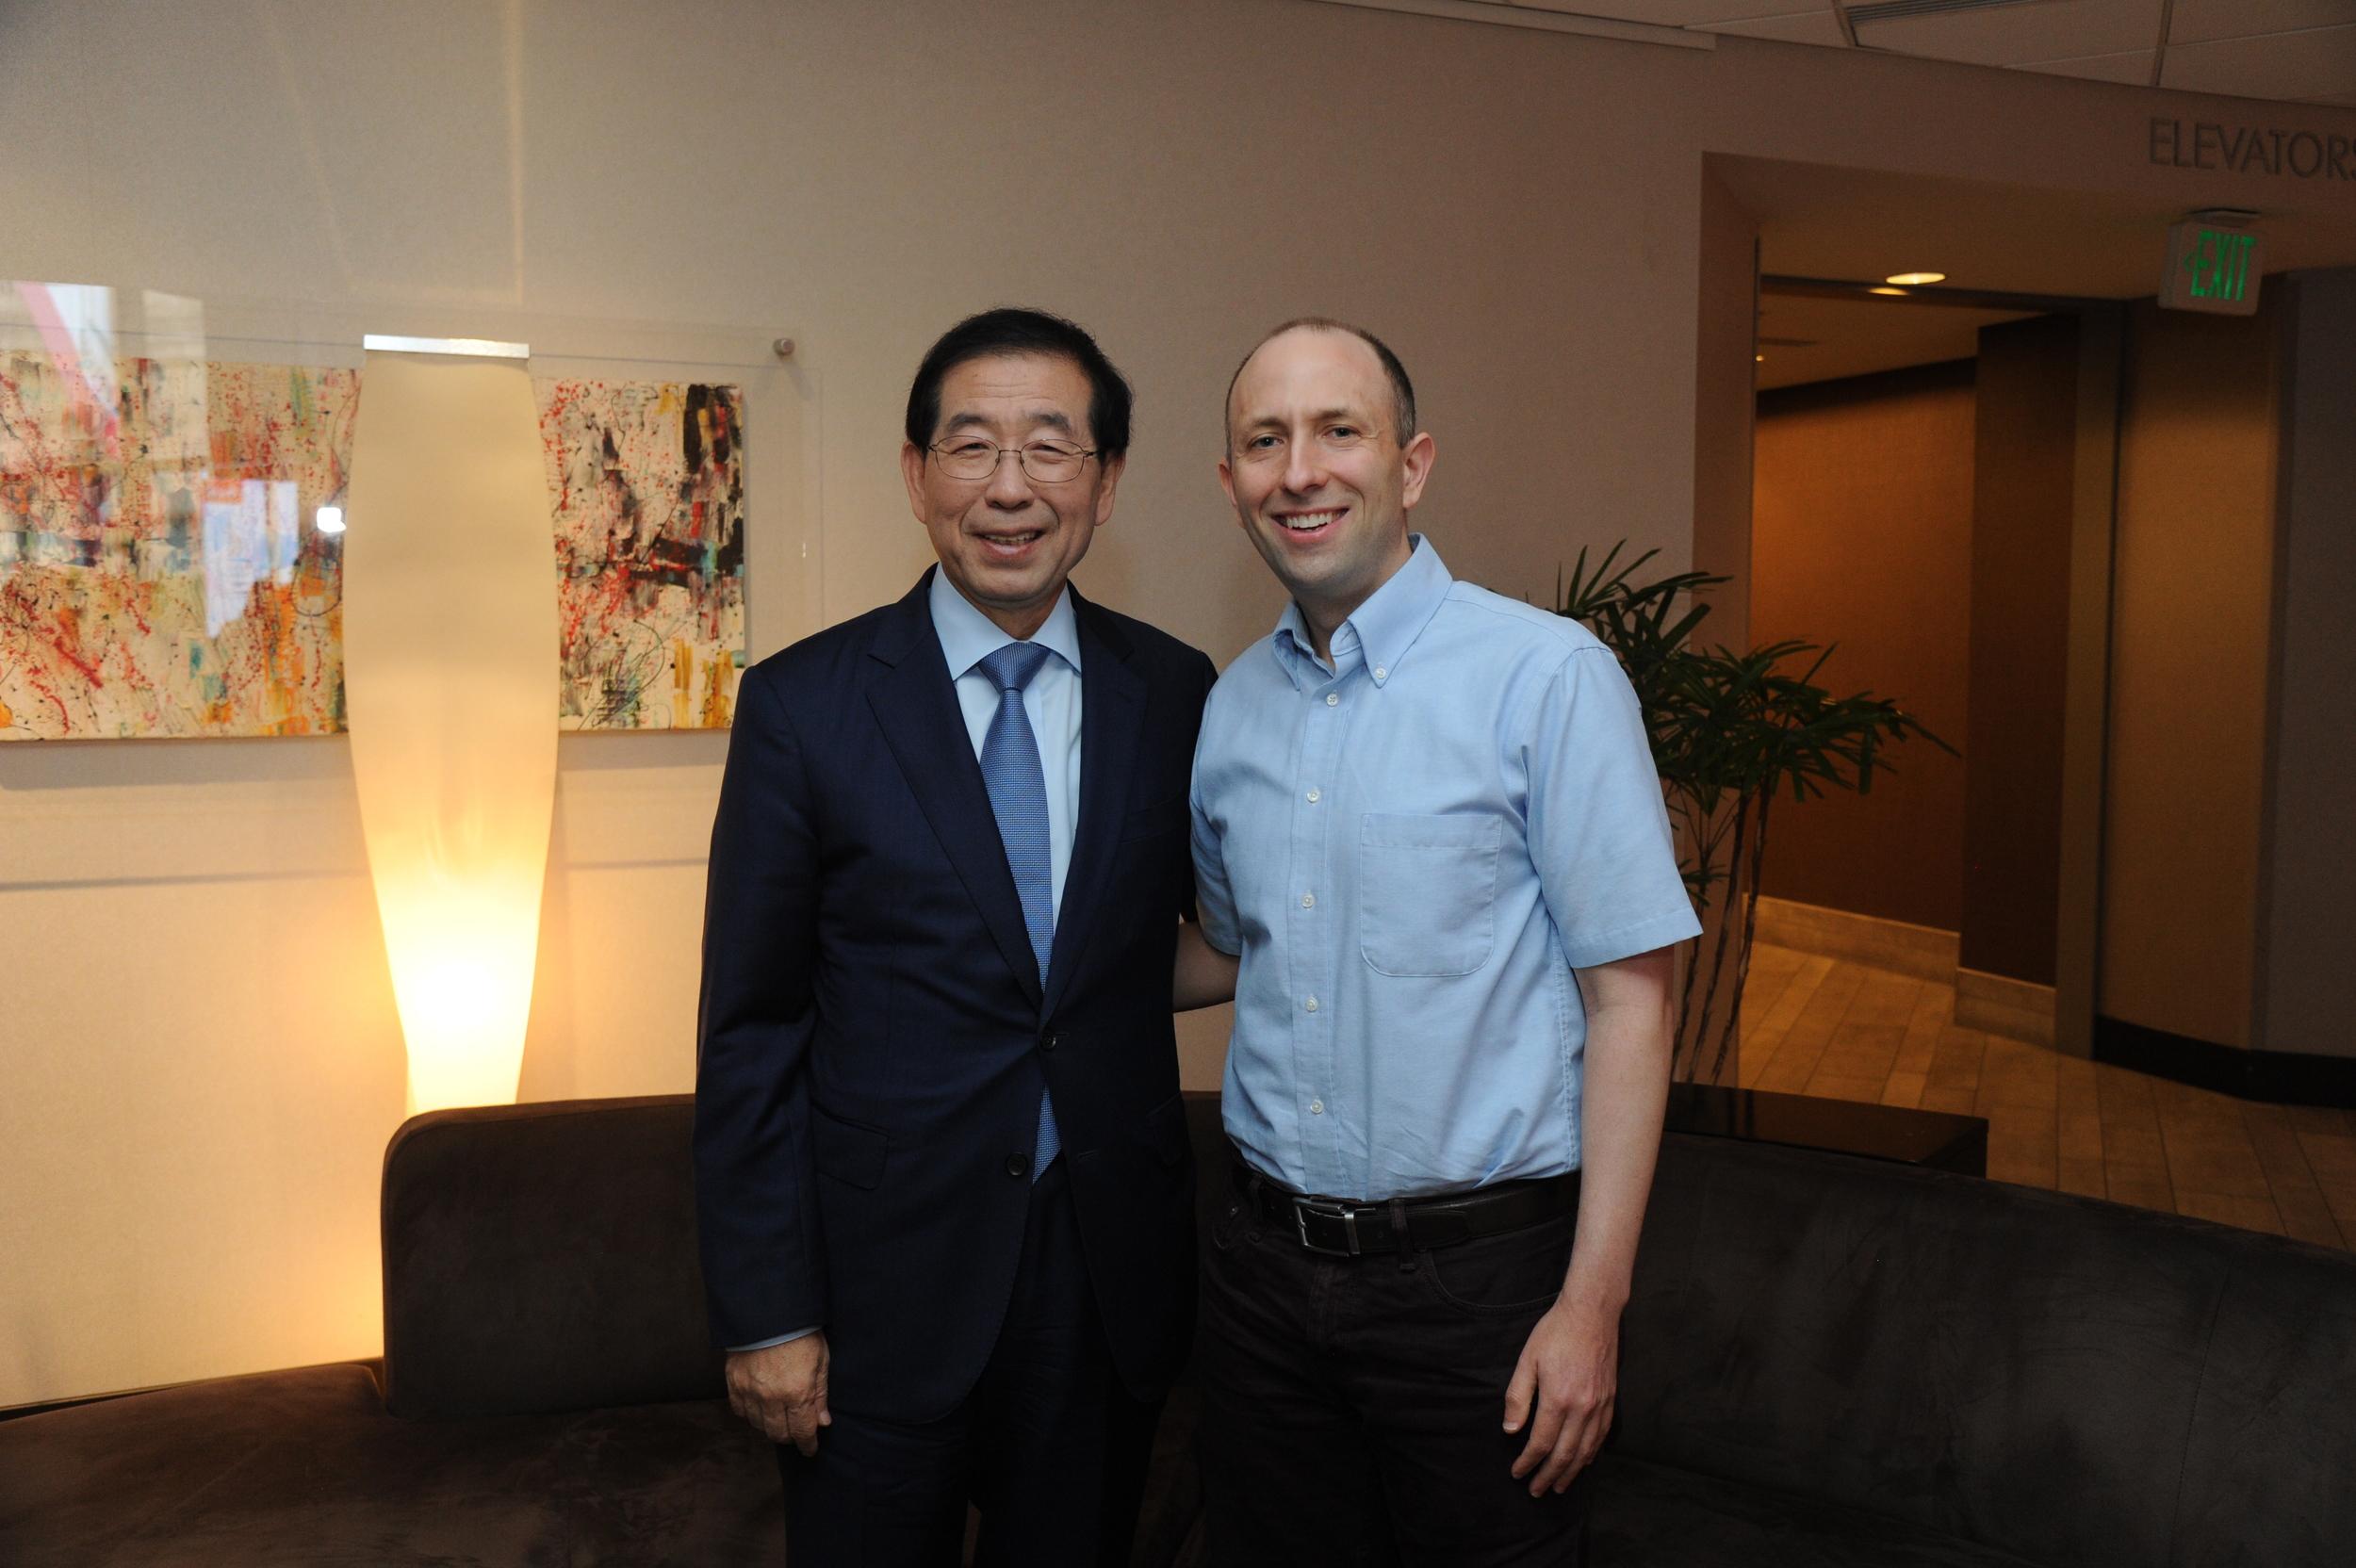 Seoul Mayor Park Won-soon with Joel Engardio